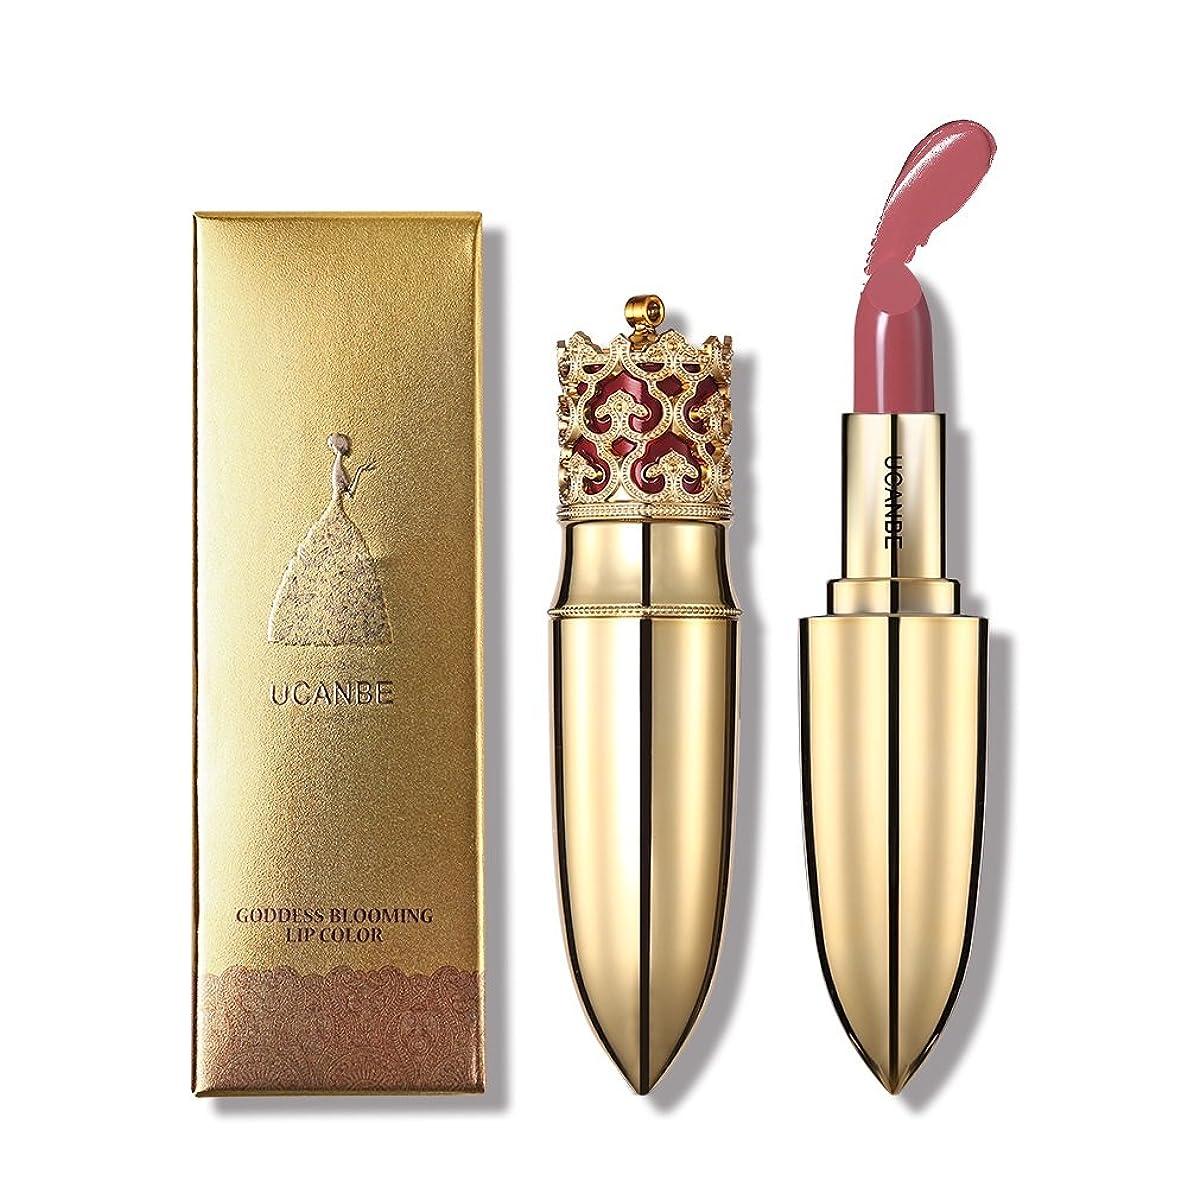 宿命宿題肯定的Crown Velvet Matte Lipstick Makeup Golden Nude Long Lasting Pigment Lips Stick Natural Cosmetic Lip Rouge (#03 Girl Crush)